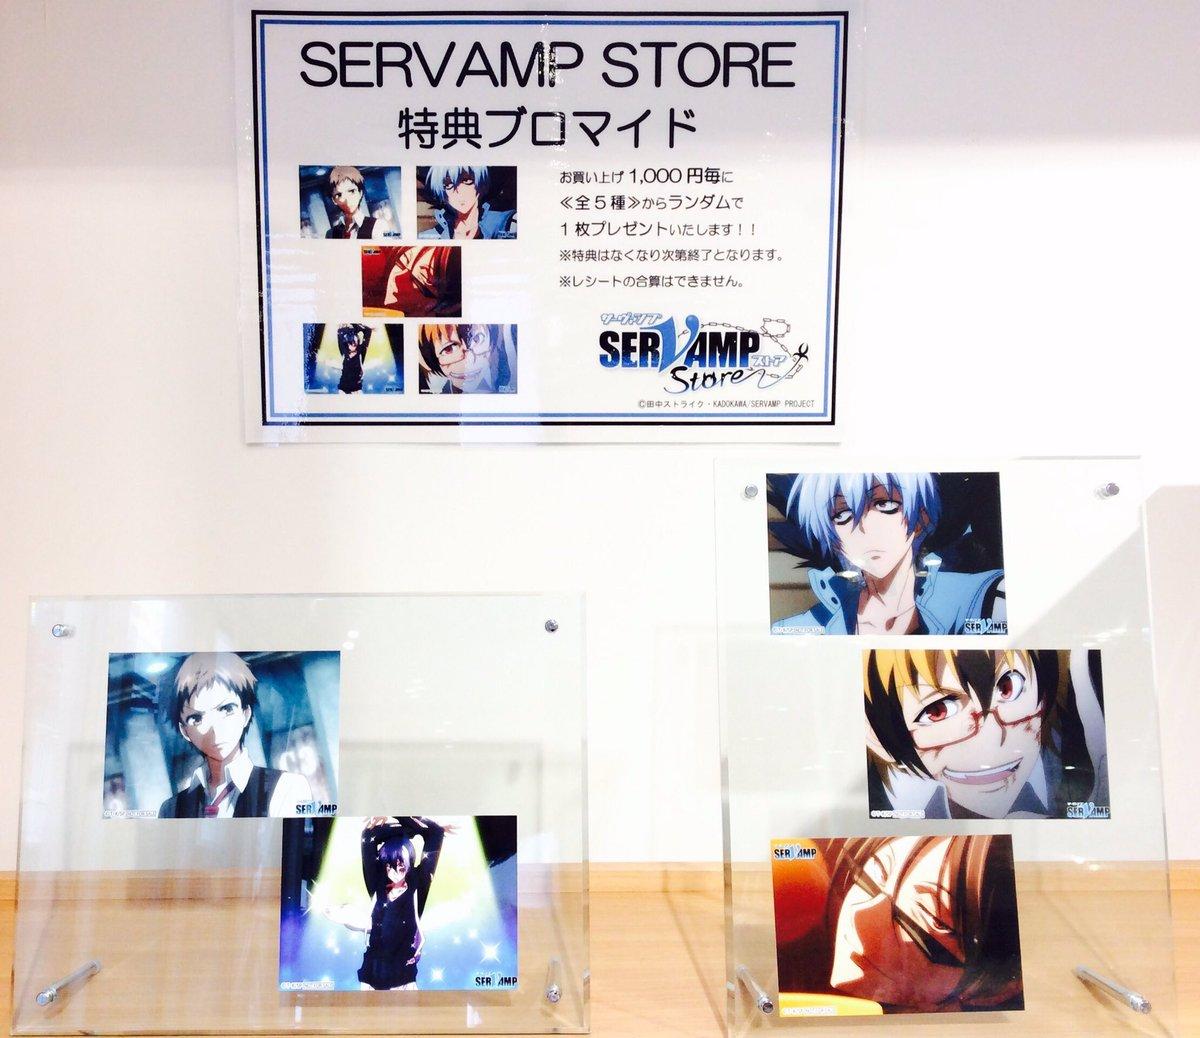 【特典情報】「SERVAMP STORE」にてお買い上げ1,000円毎に≪全5種≫からランダムで1枚プレゼントいたします